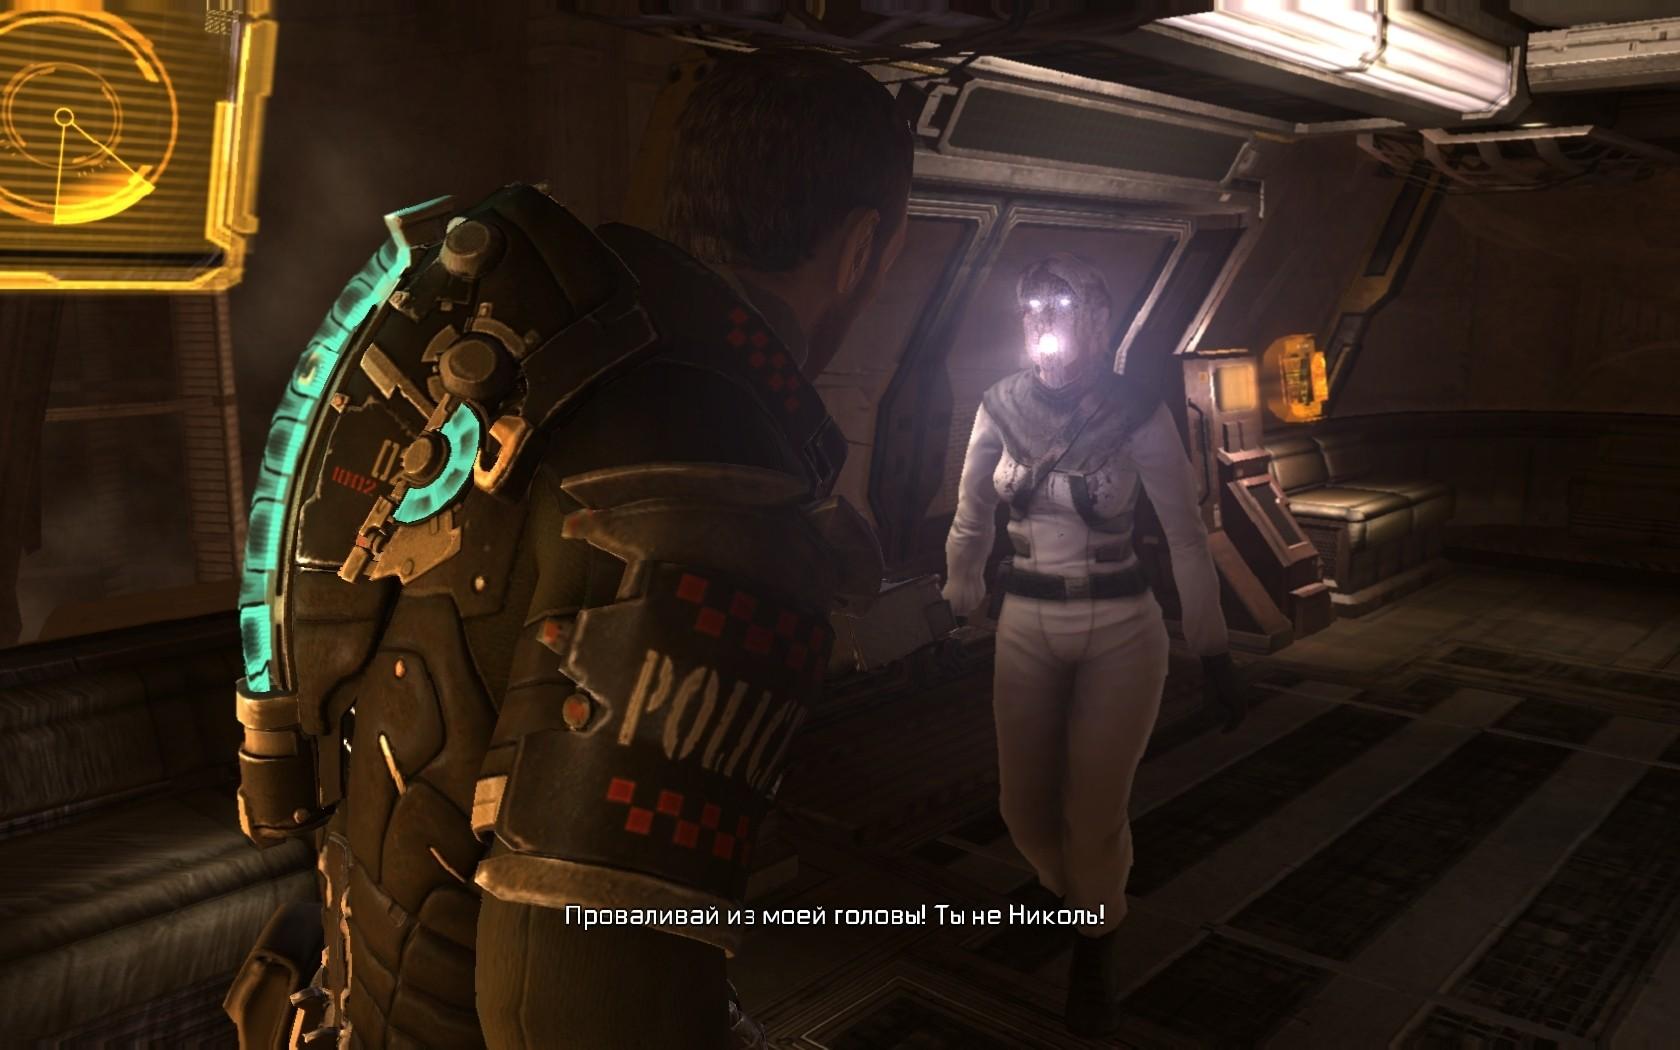 deadspace2 2011-02-04 16-26-10-78.jpg - Dead Space 2